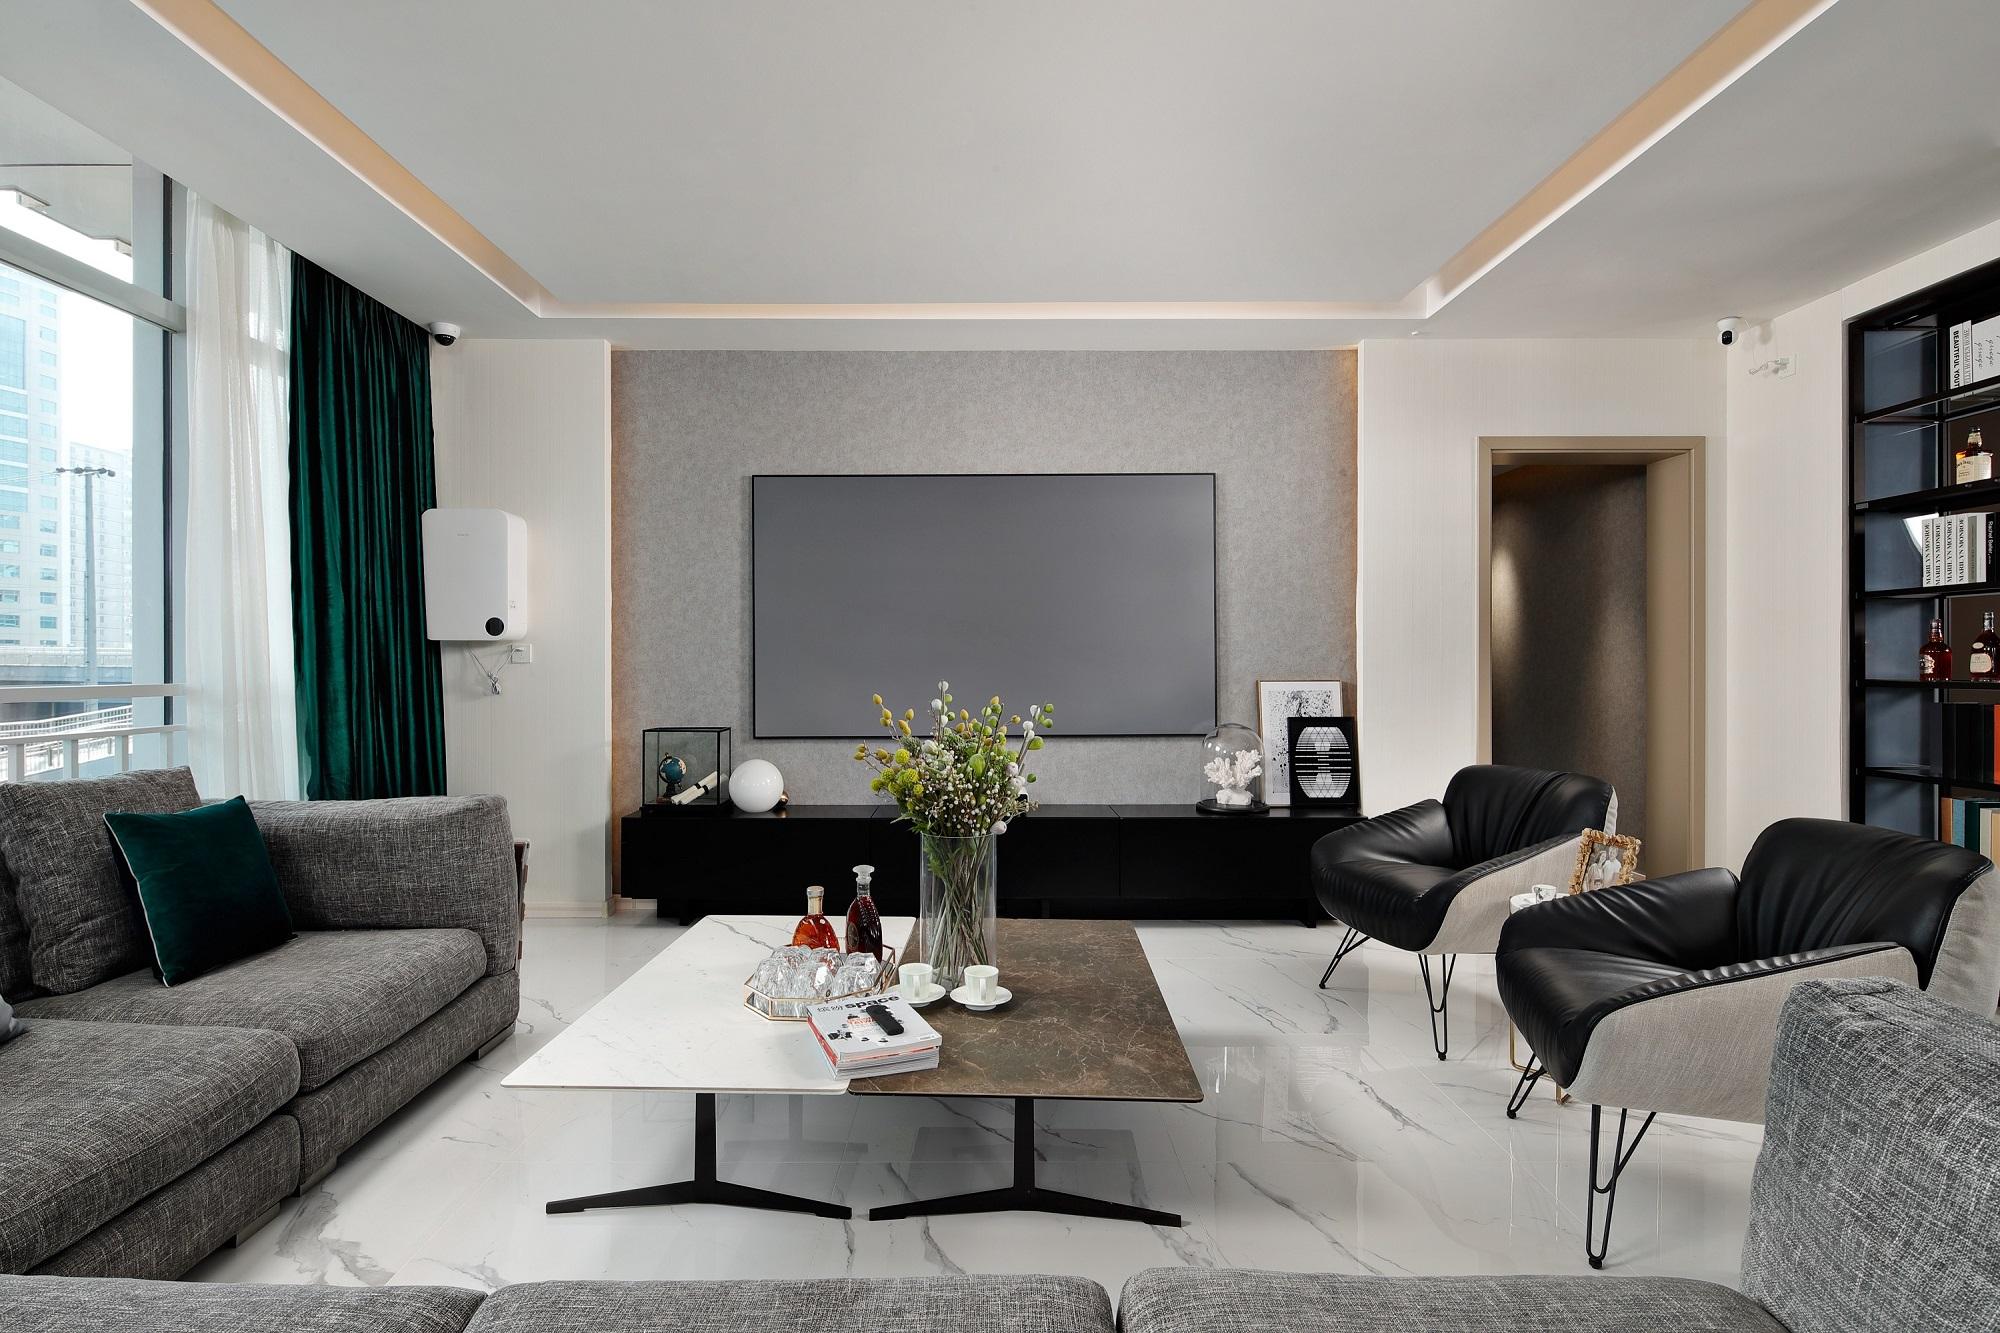 """客厅基调给人简洁、淡雅的感觉,轻奢风十分注重运用高级感的中性色来演绎""""低调的奢华""""。"""